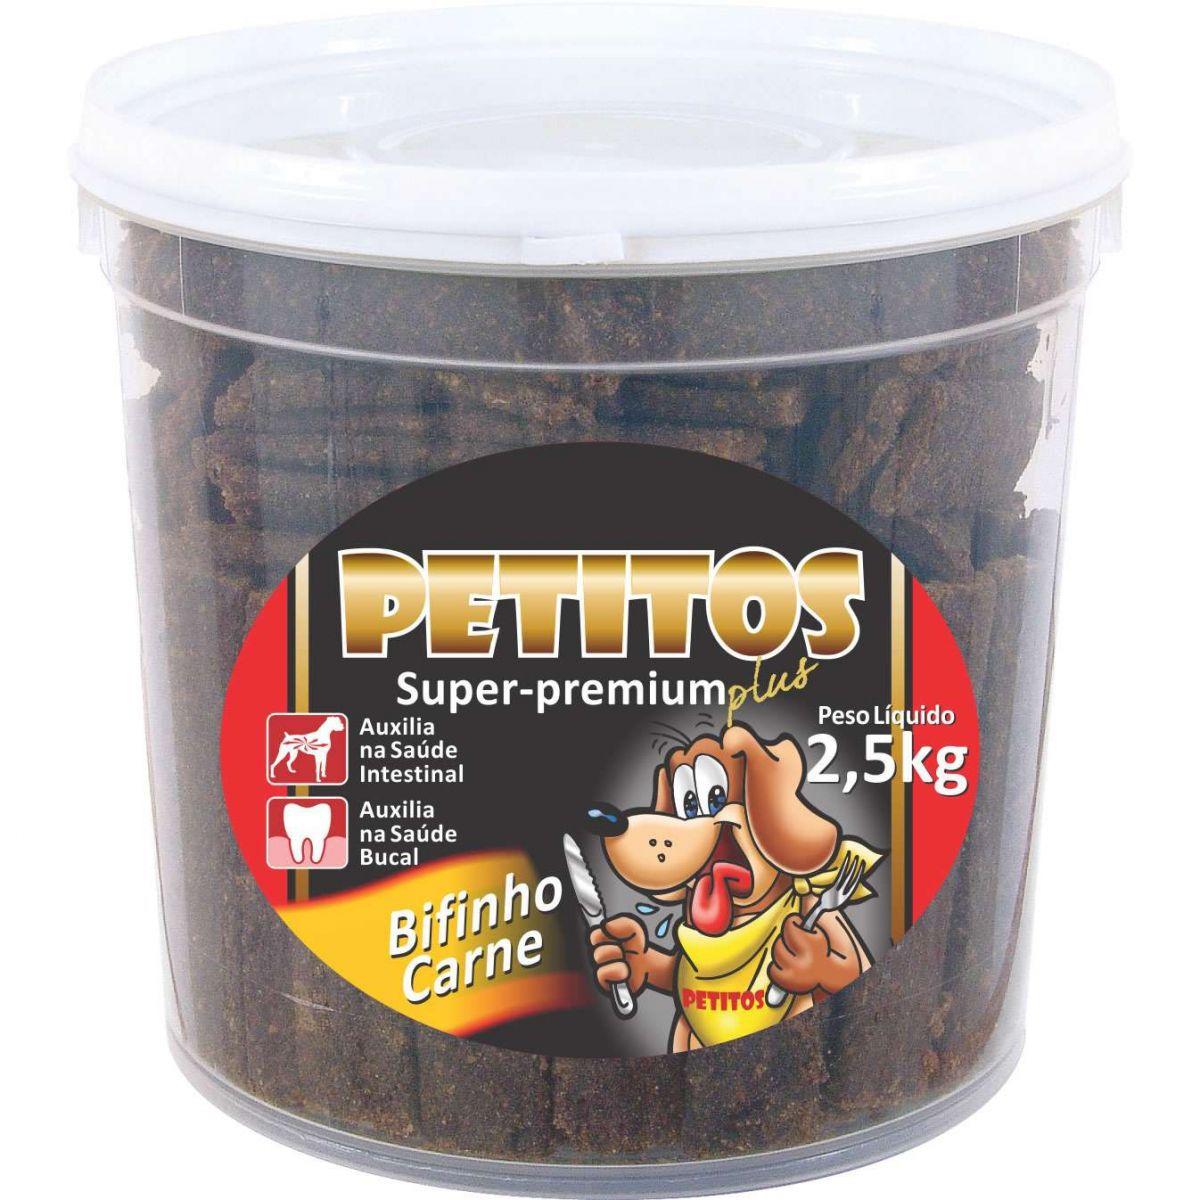 Bifinho sabor Carne Petitos para Cães - 2,5kg